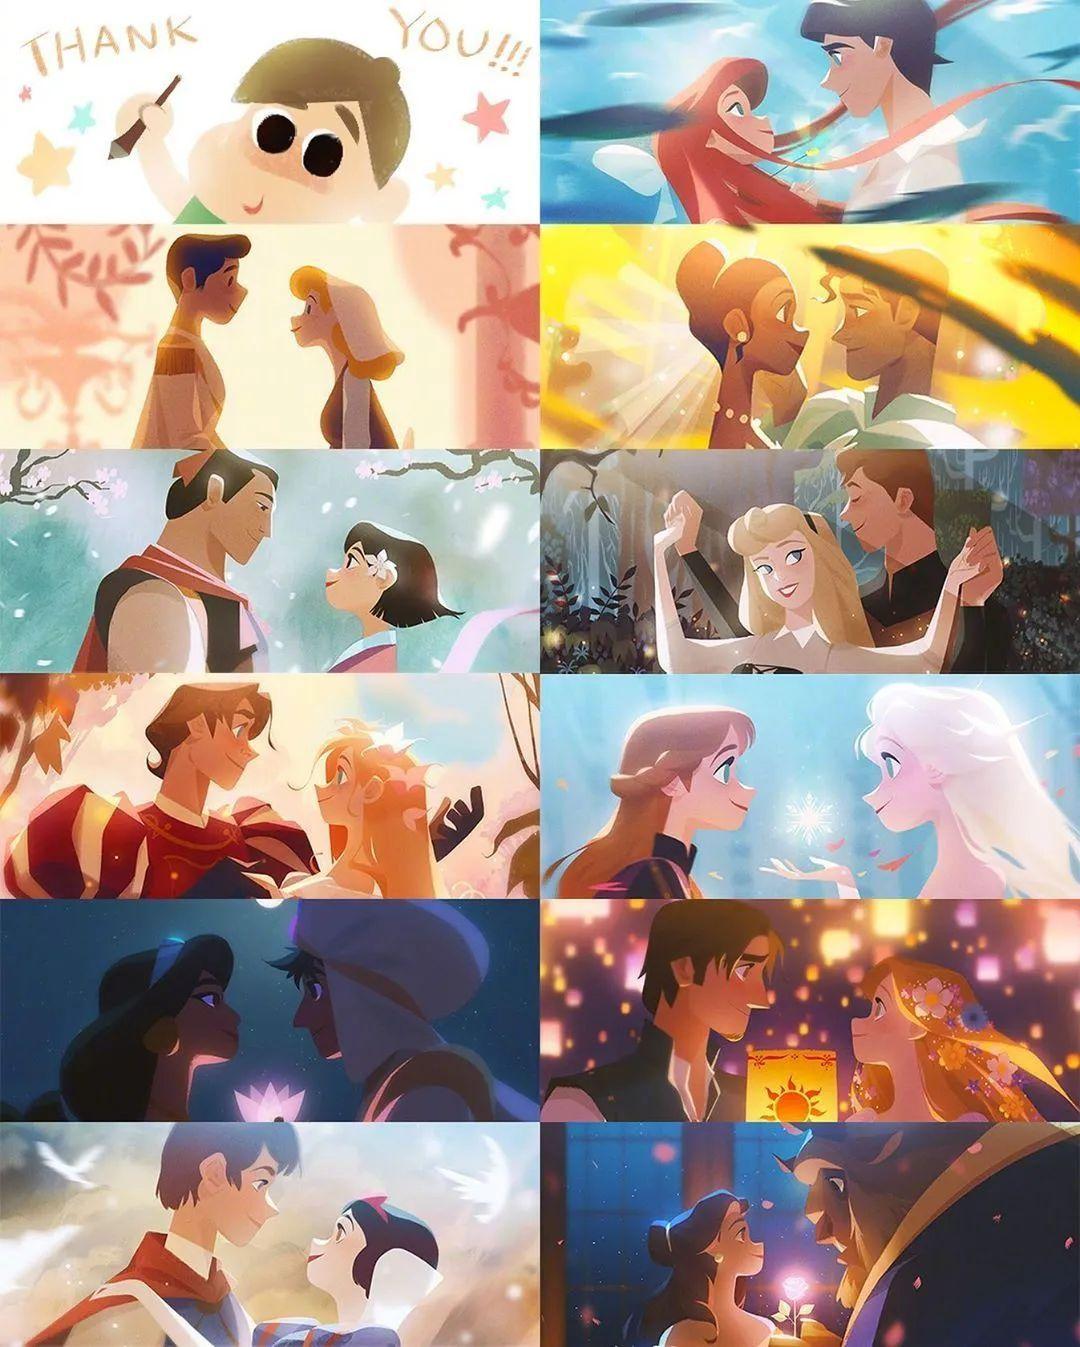 4月16日,二次元美图!迪士尼公主与王子+少女们大眼睛含泪花_图片 No.11